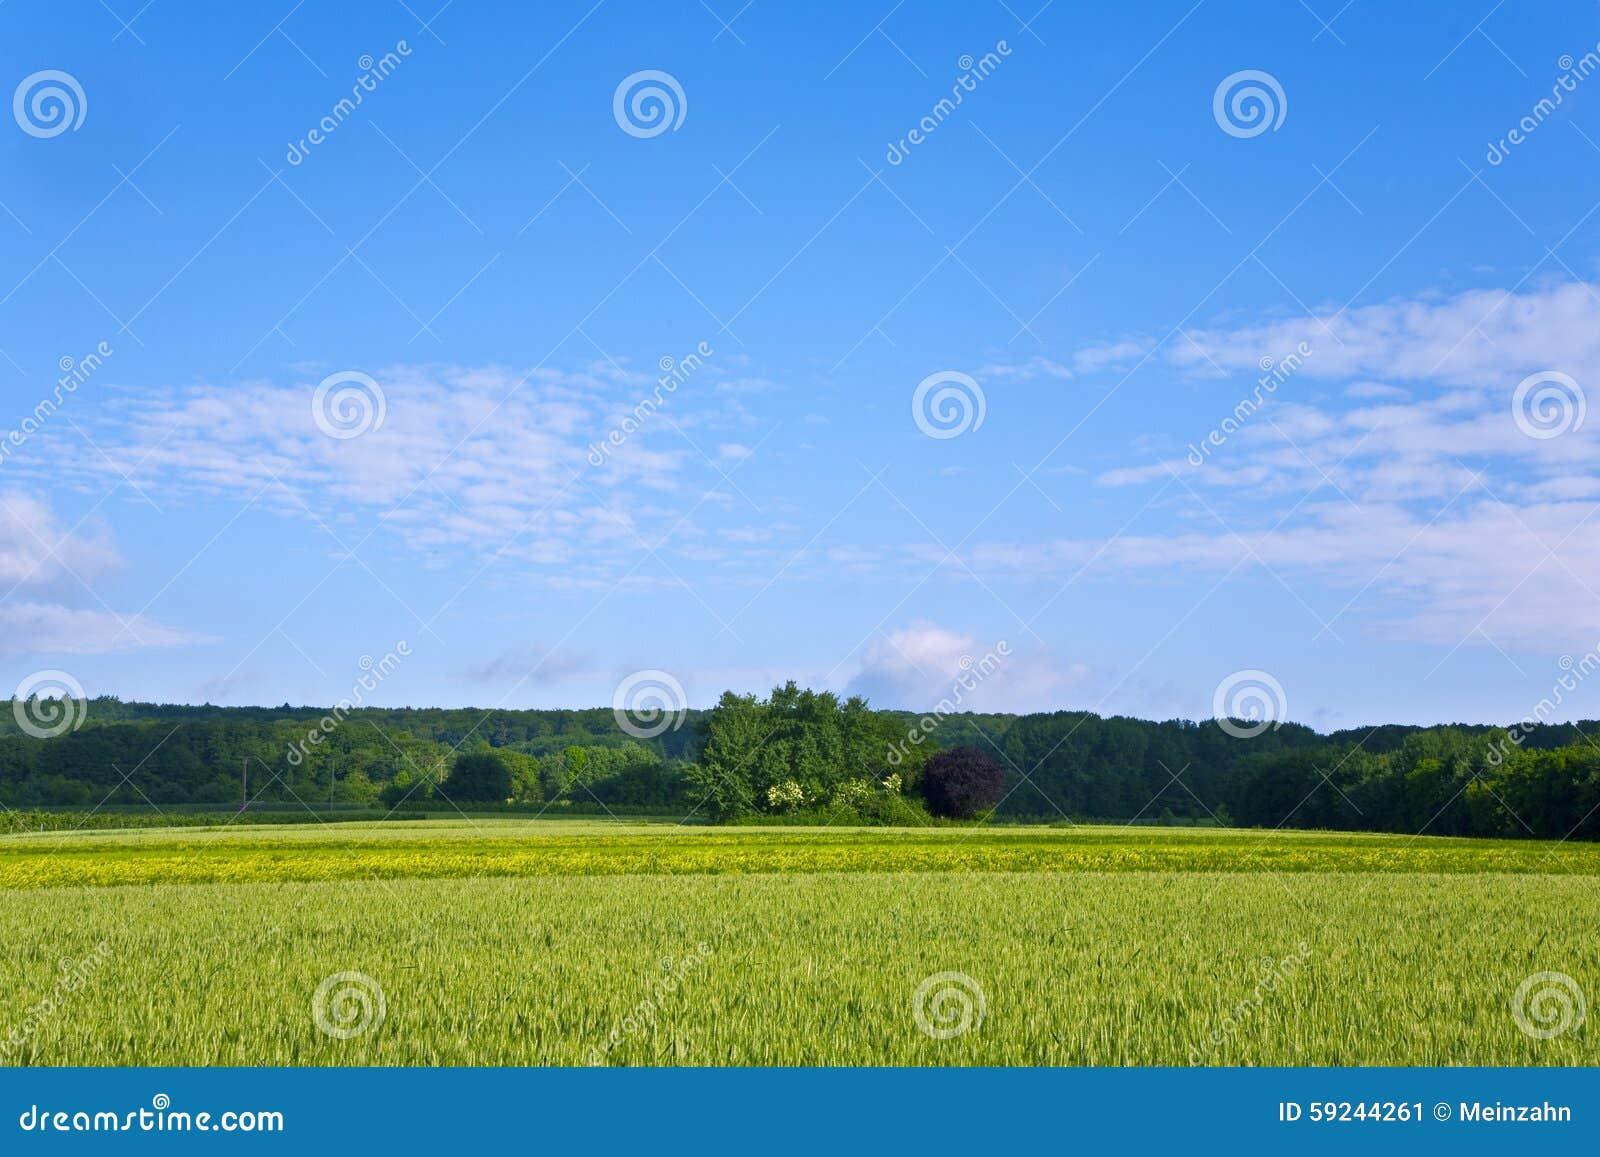 Download Ajardine Con Acres, Maíz Y Nubes Blancas Imagen de archivo - Imagen de oído, área: 59244261